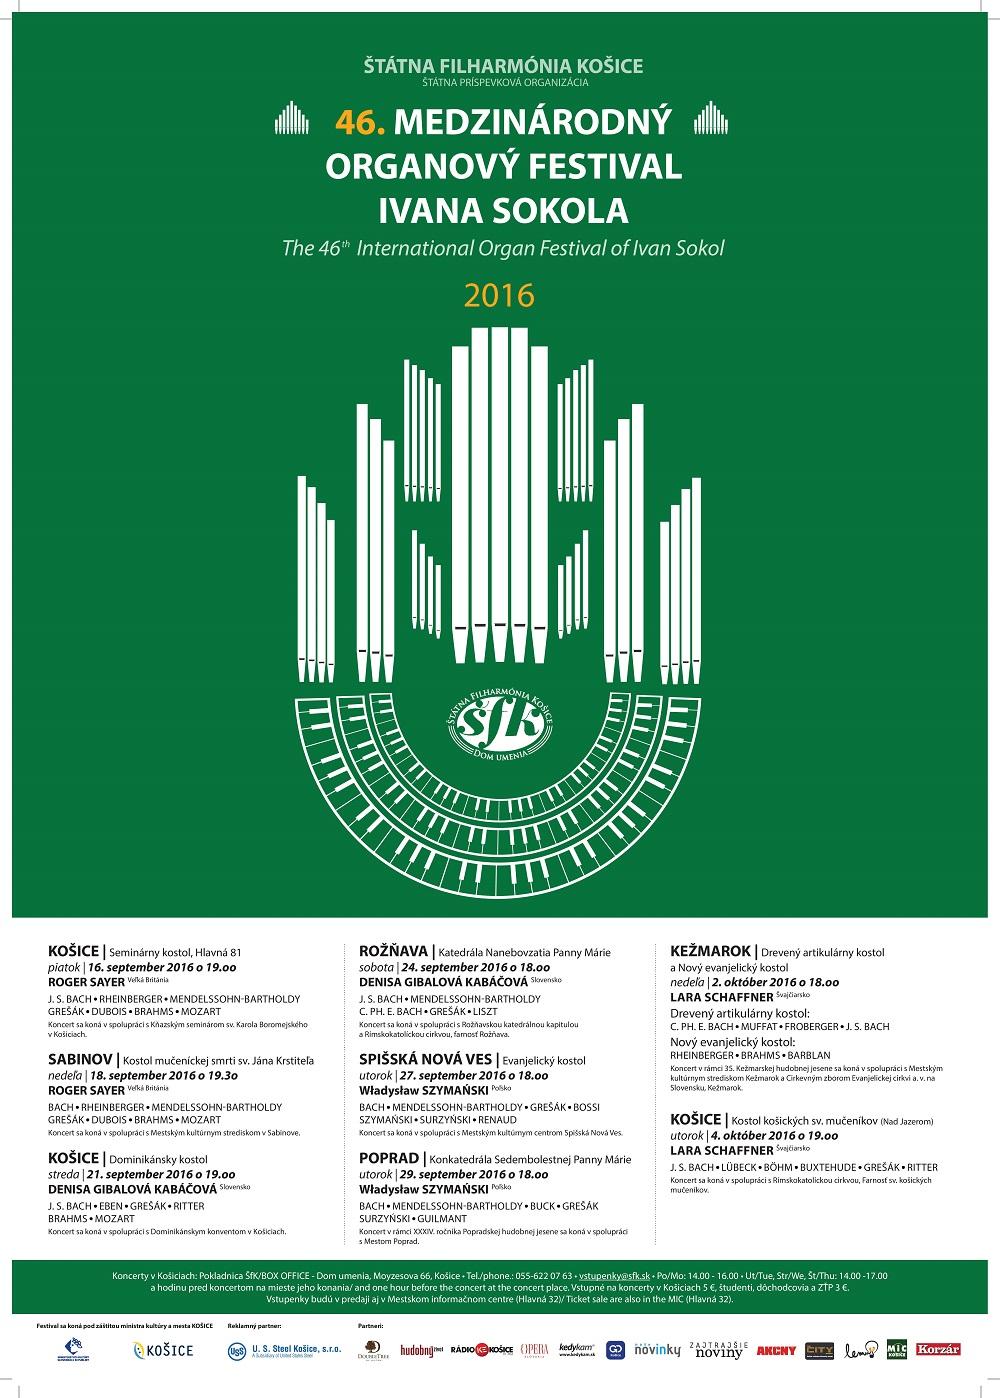 Medzinárodný organový festival Ivana Sokola 2016, plagát